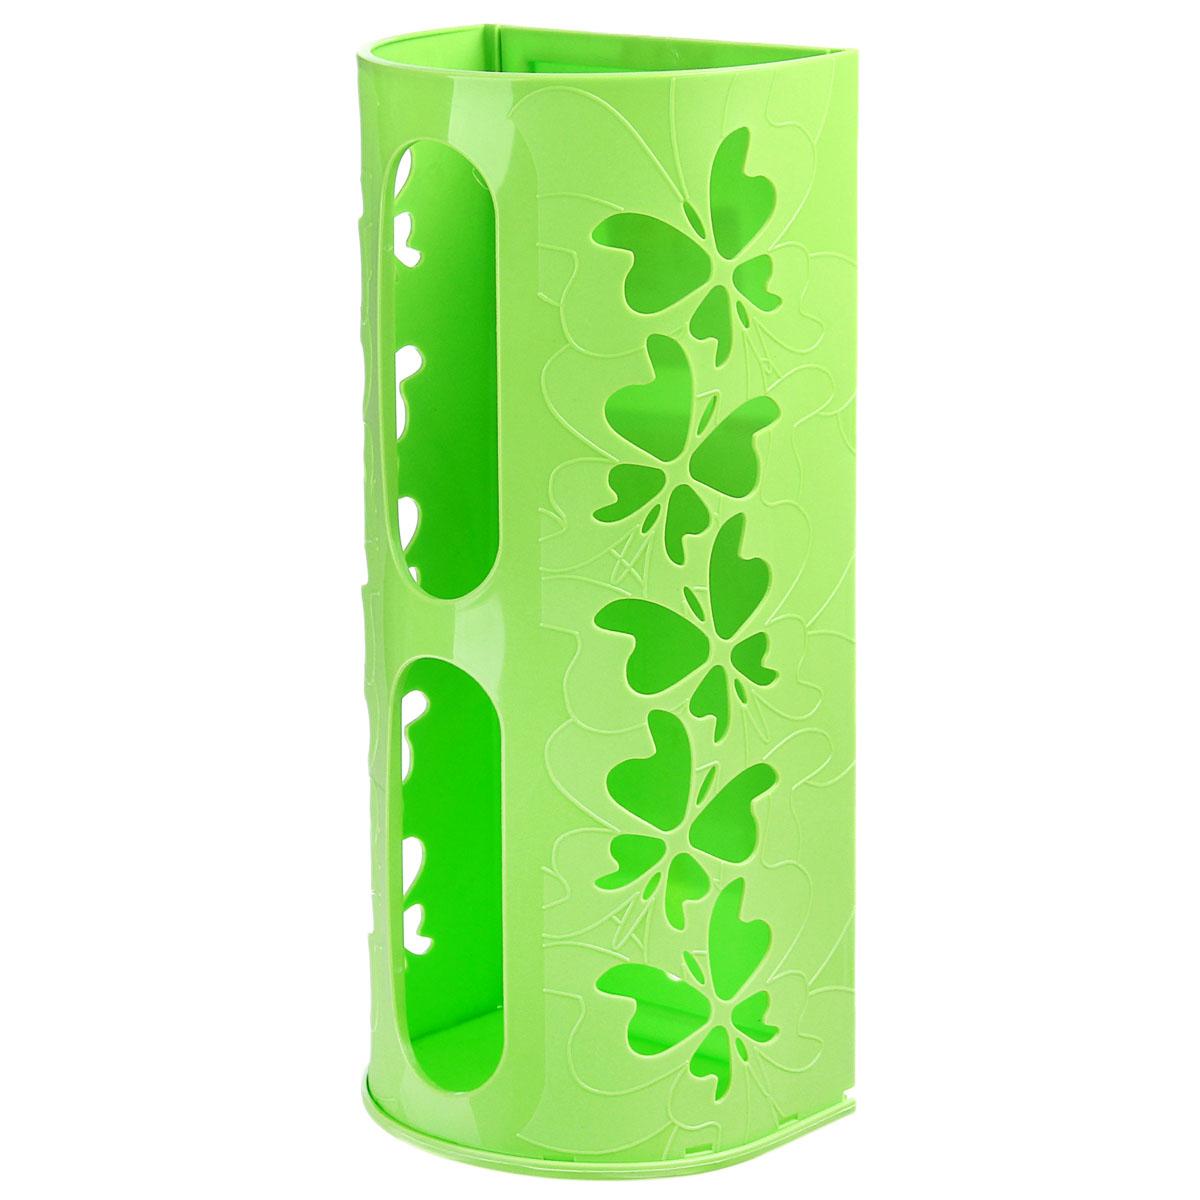 Корзина для пакетов Berossi Fly, цвет: салатовый868661Корзина для пакетов Berossi Fly, изготовлена из высококачественного пластика. Эта практичная корзина наведет порядок в кладовке или кухонном шкафу ипозволит хранить пластиковые пакеты или хозяйственные сумочки во всегдадоступном месте! Изделие декорировано резным изображением бабочек. Корзина просто подвешивается на дверь шкафчика изнутри или снаружи, в зависимости от назначения.Корзина для пакетов Berossi Fly будет замечательным подарком для поддержания чистоты и порядка. Она сэкономит место, гармонично впишется в интерьер и будет радовать вас уникальным дизайном.